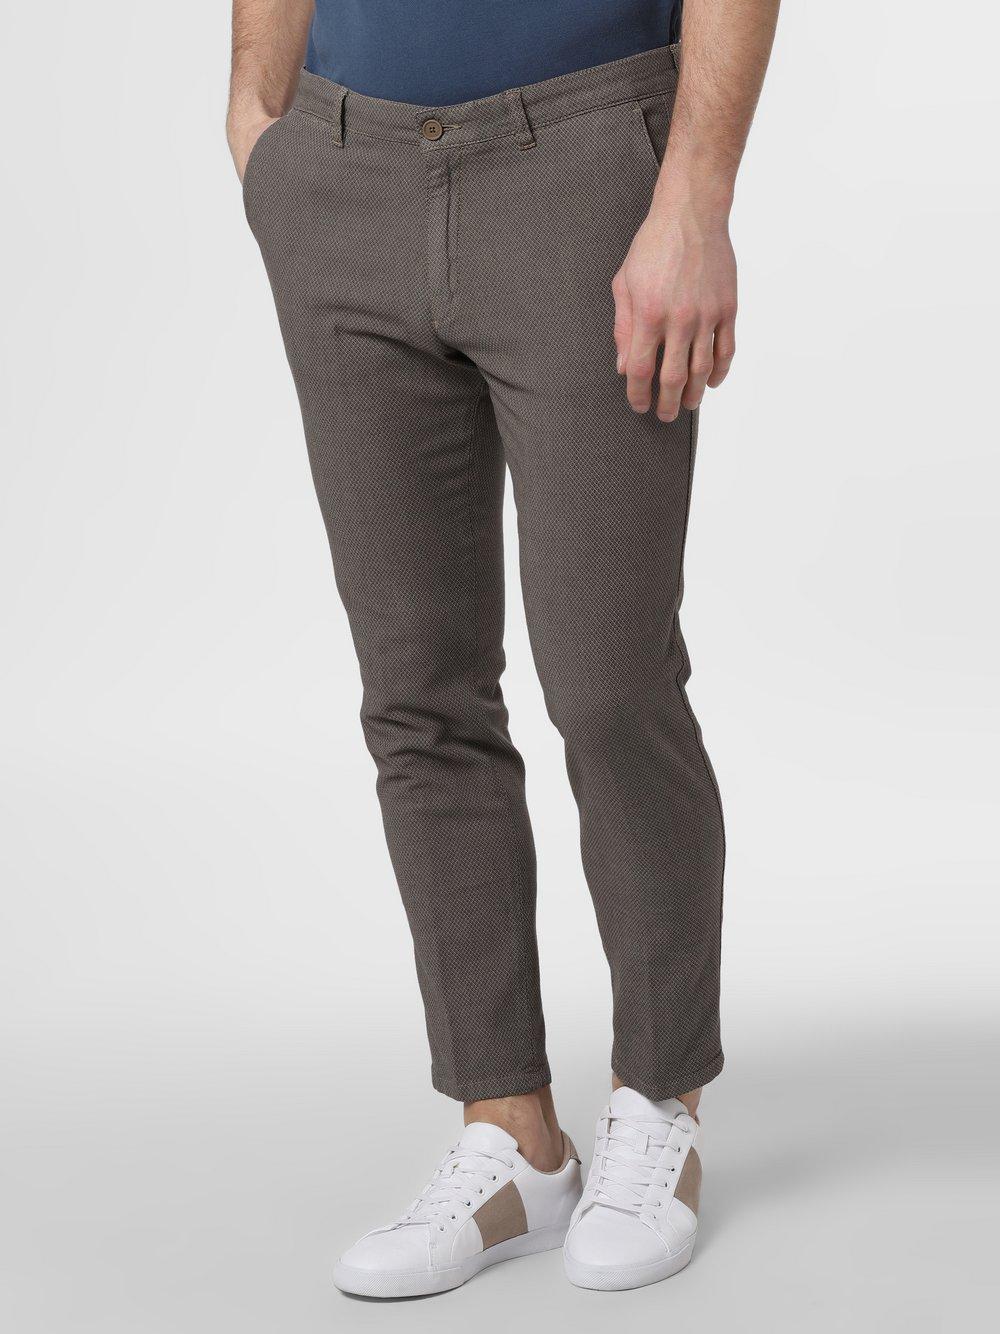 Drykorn - Spodnie męskie – Mad, brązowy